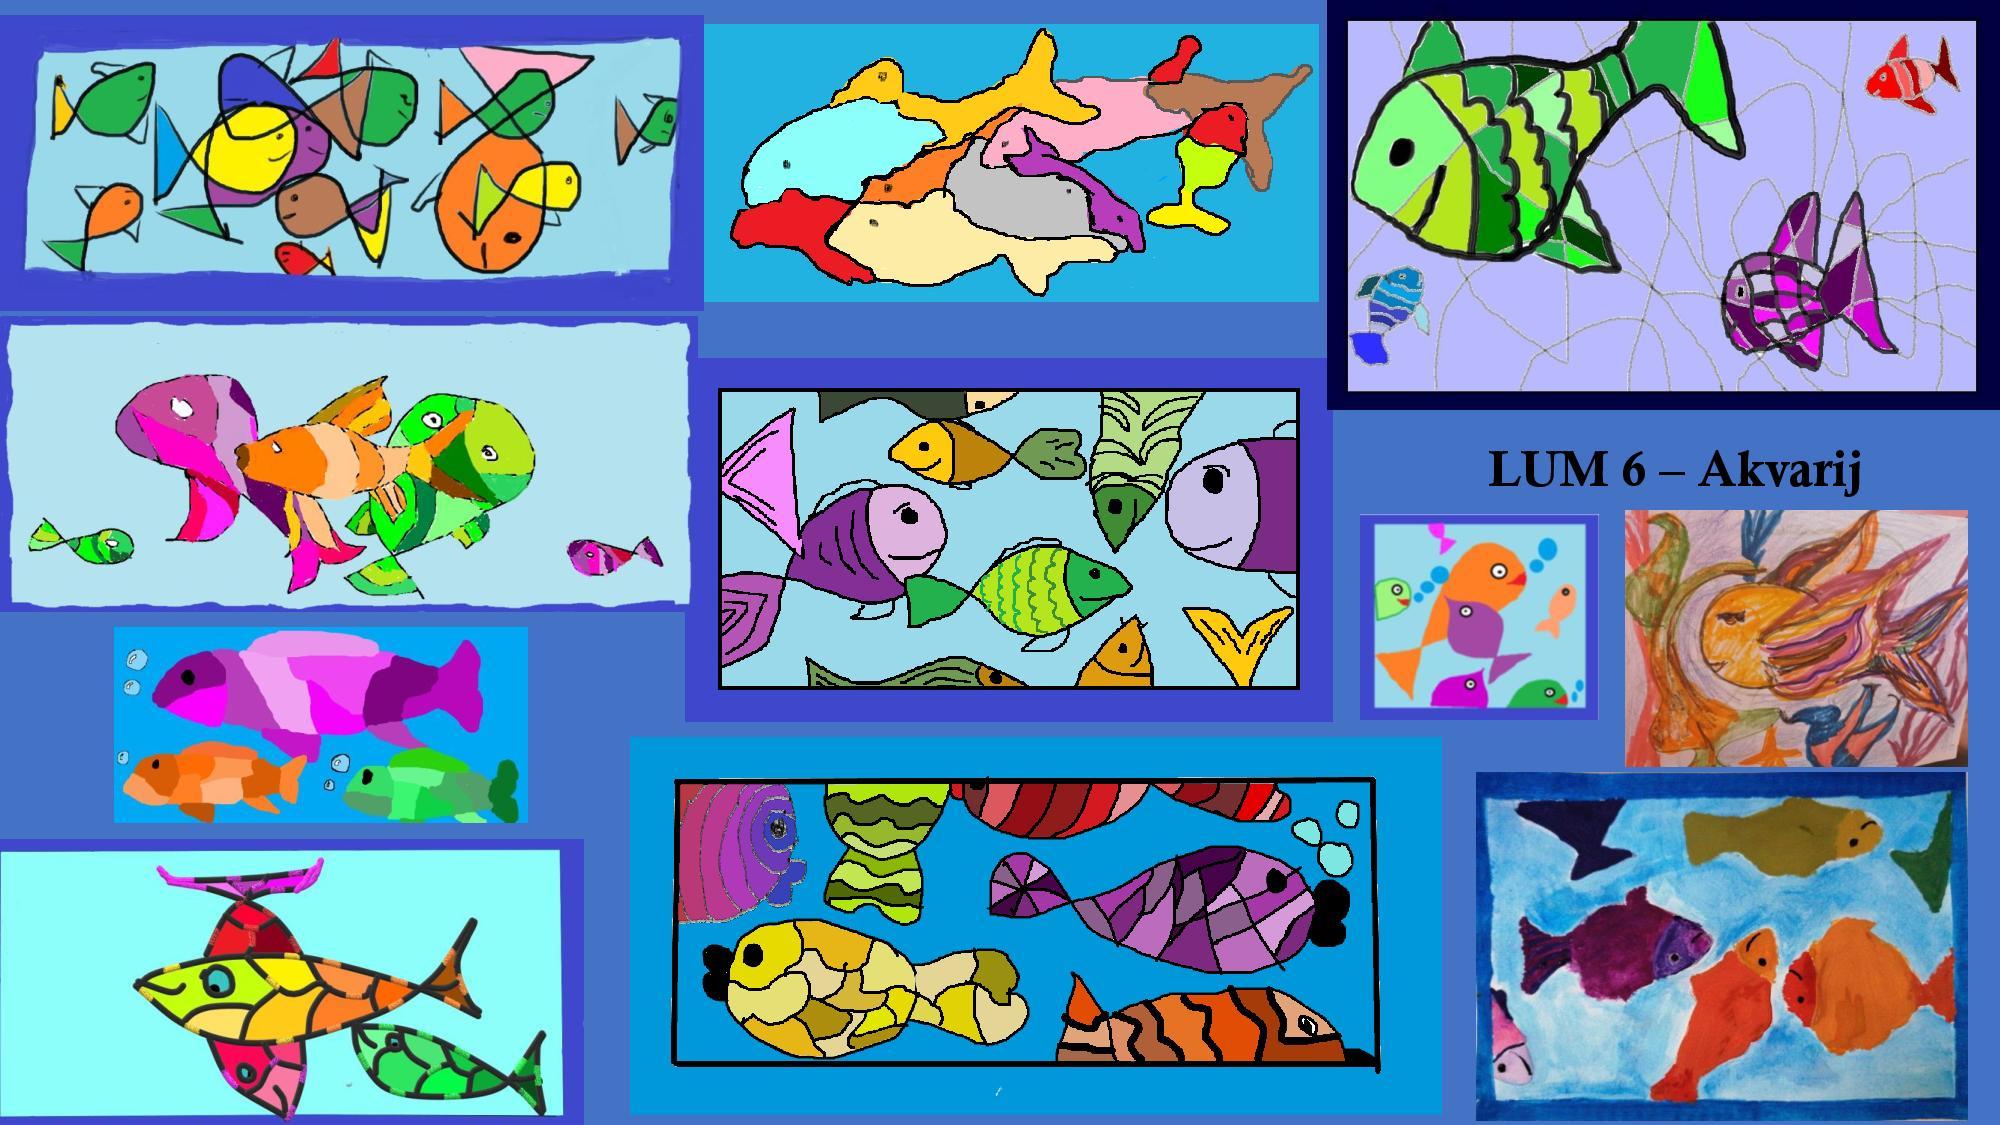 akvarij-6-r-page-001